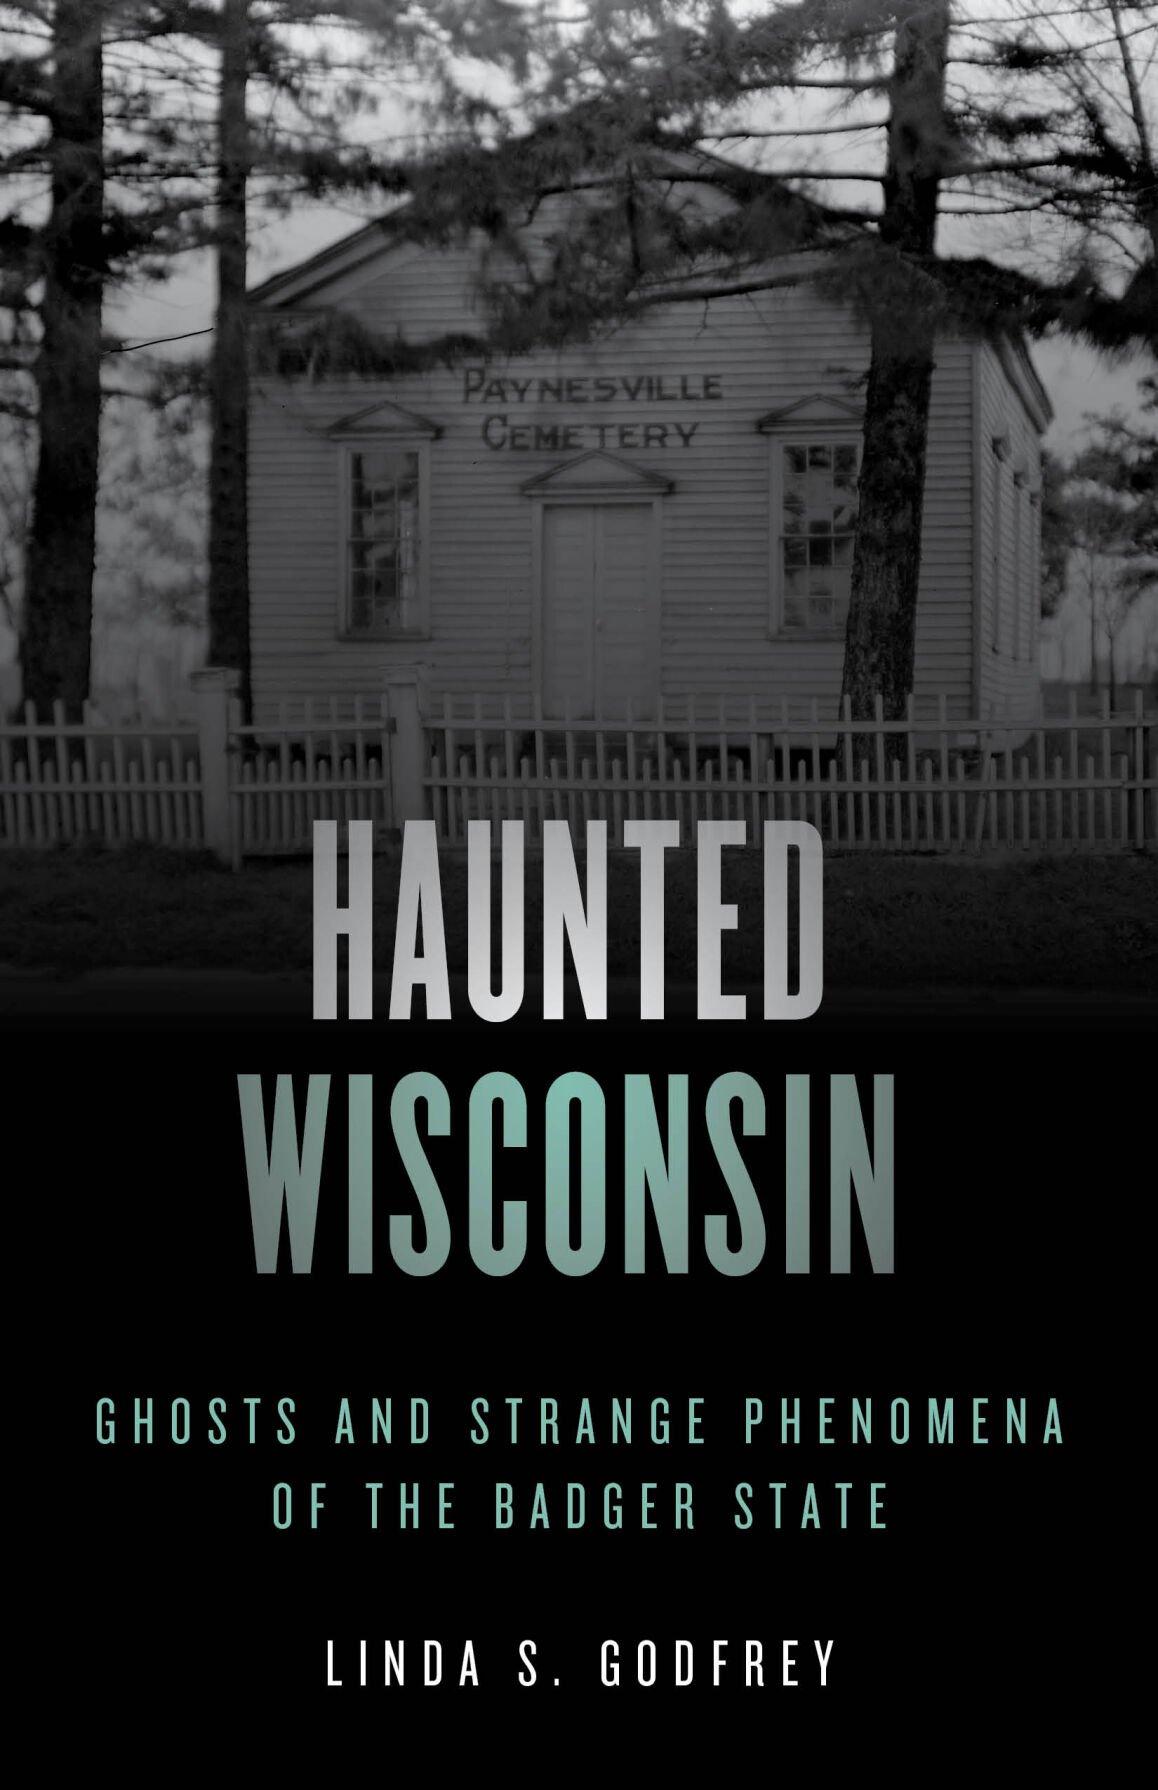 Haunted Wisconsin.jpg